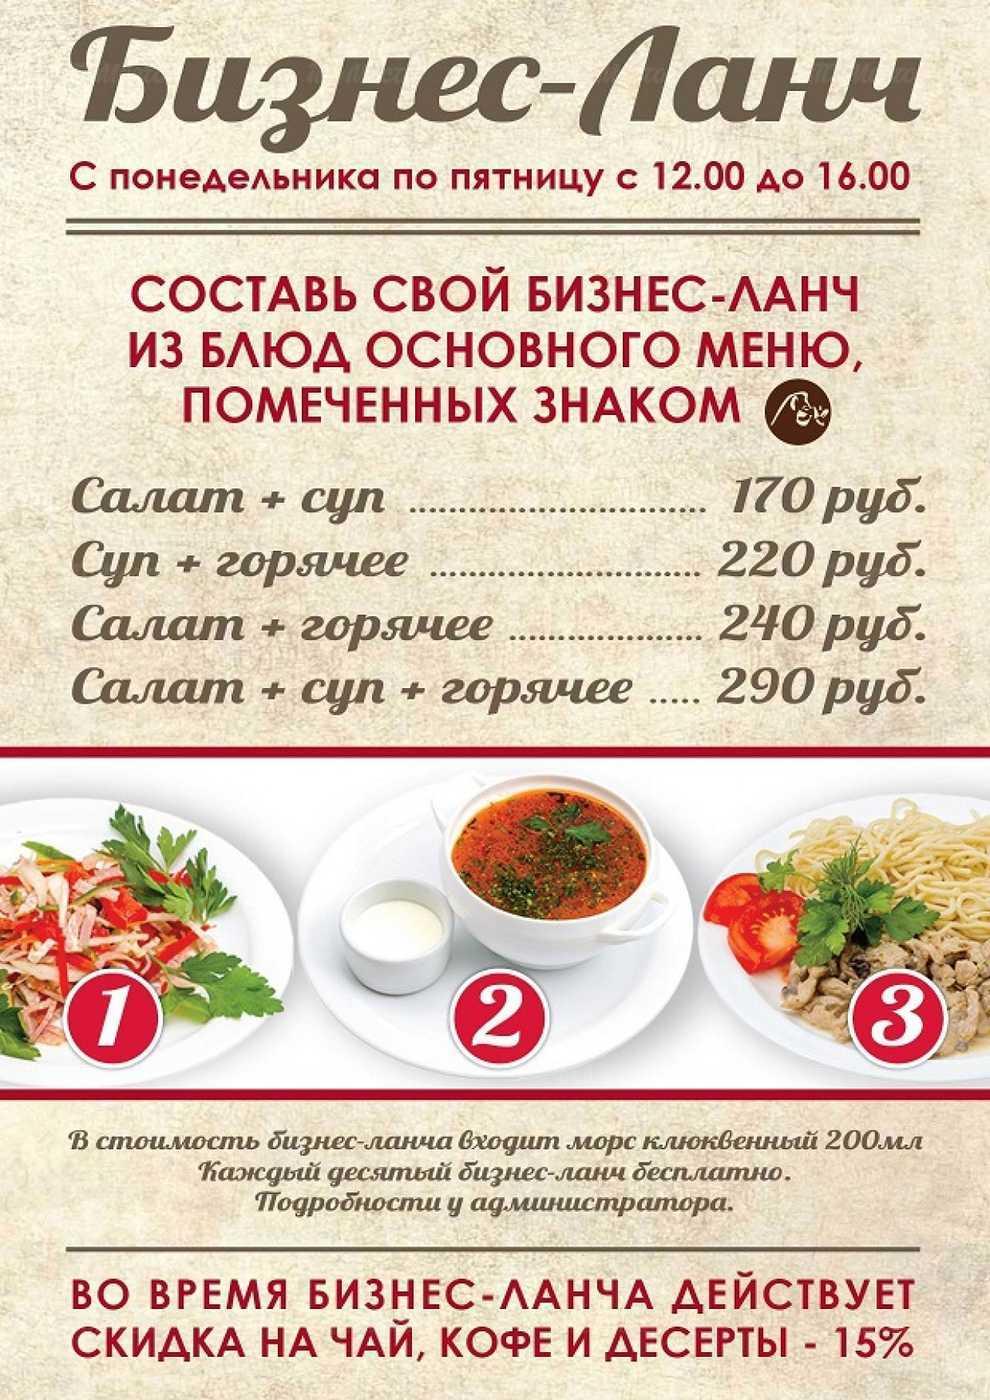 одна составляющих комплексный обед меню на неделю рецепты фото позволяет просто сбросить